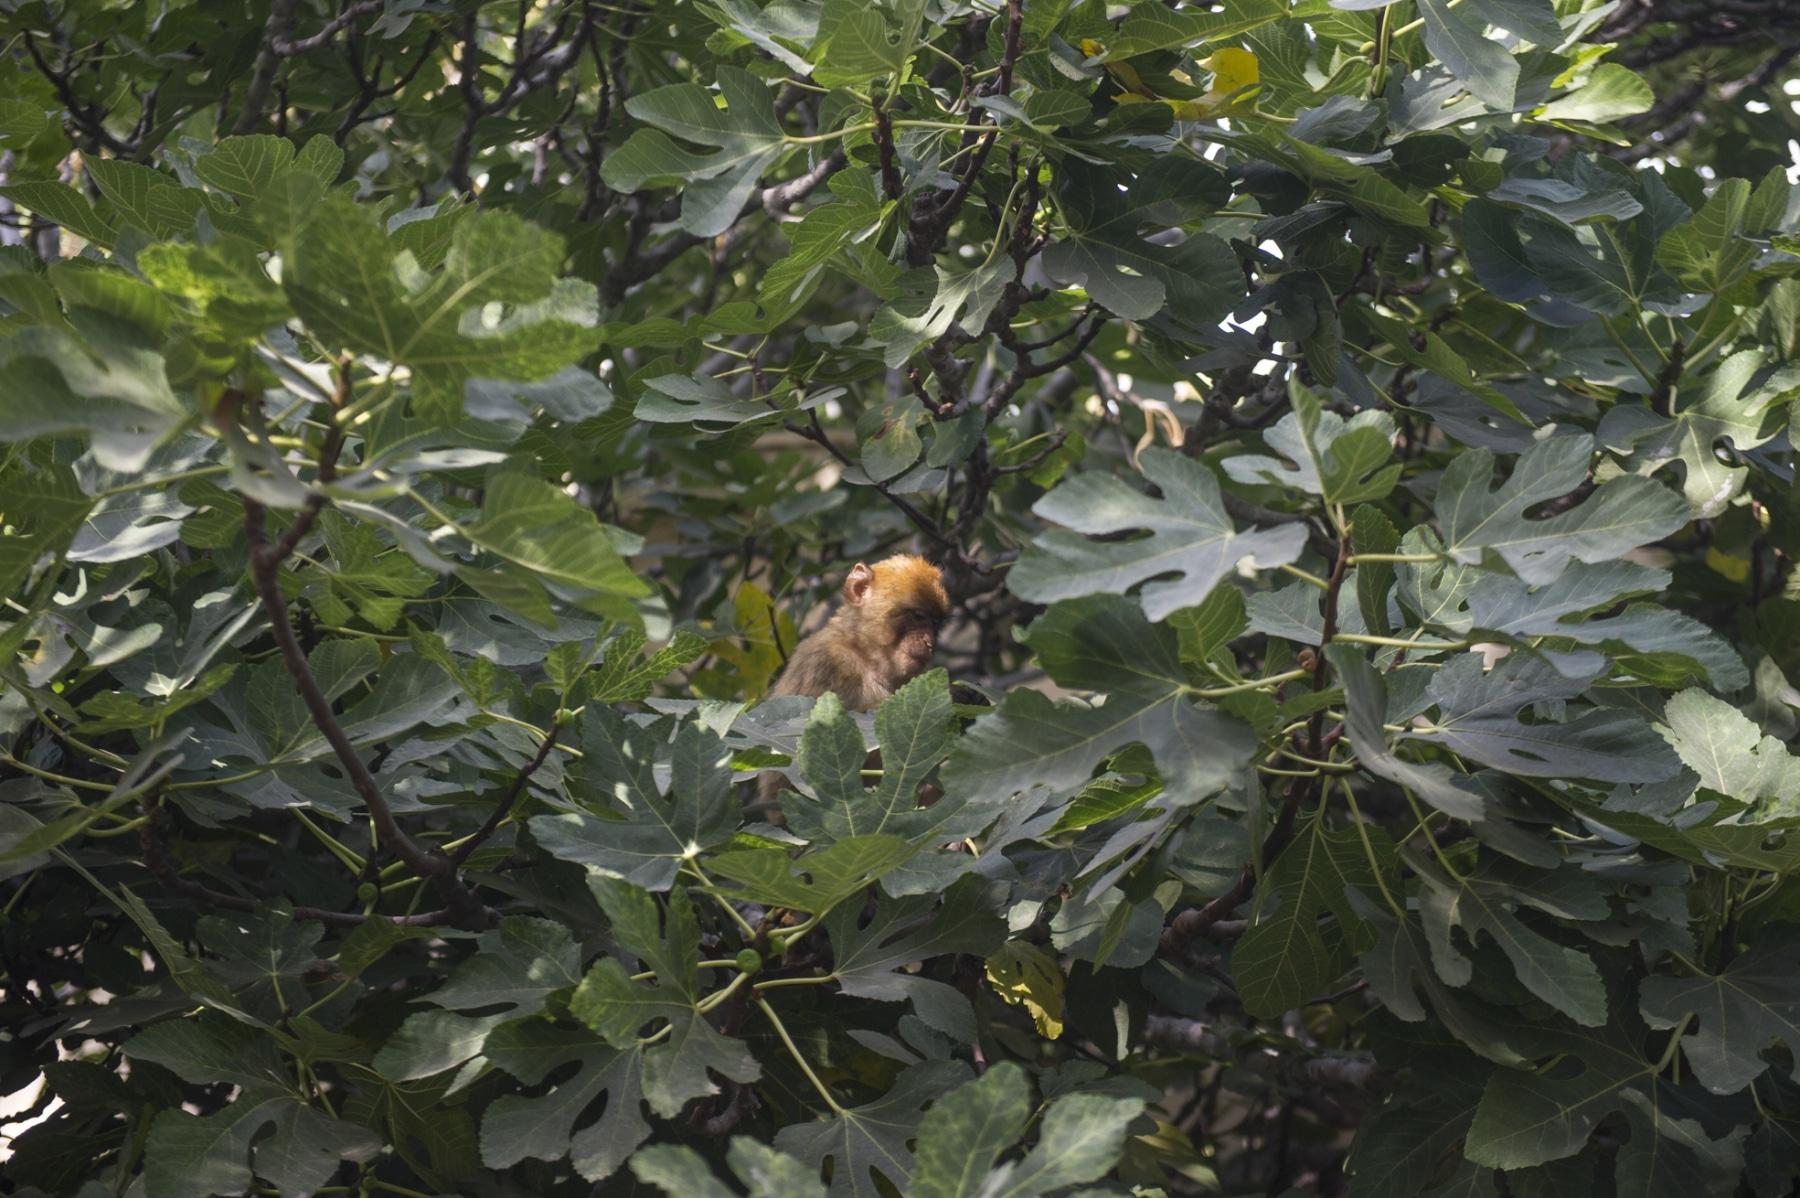 Monos-en-la-ciudad-2